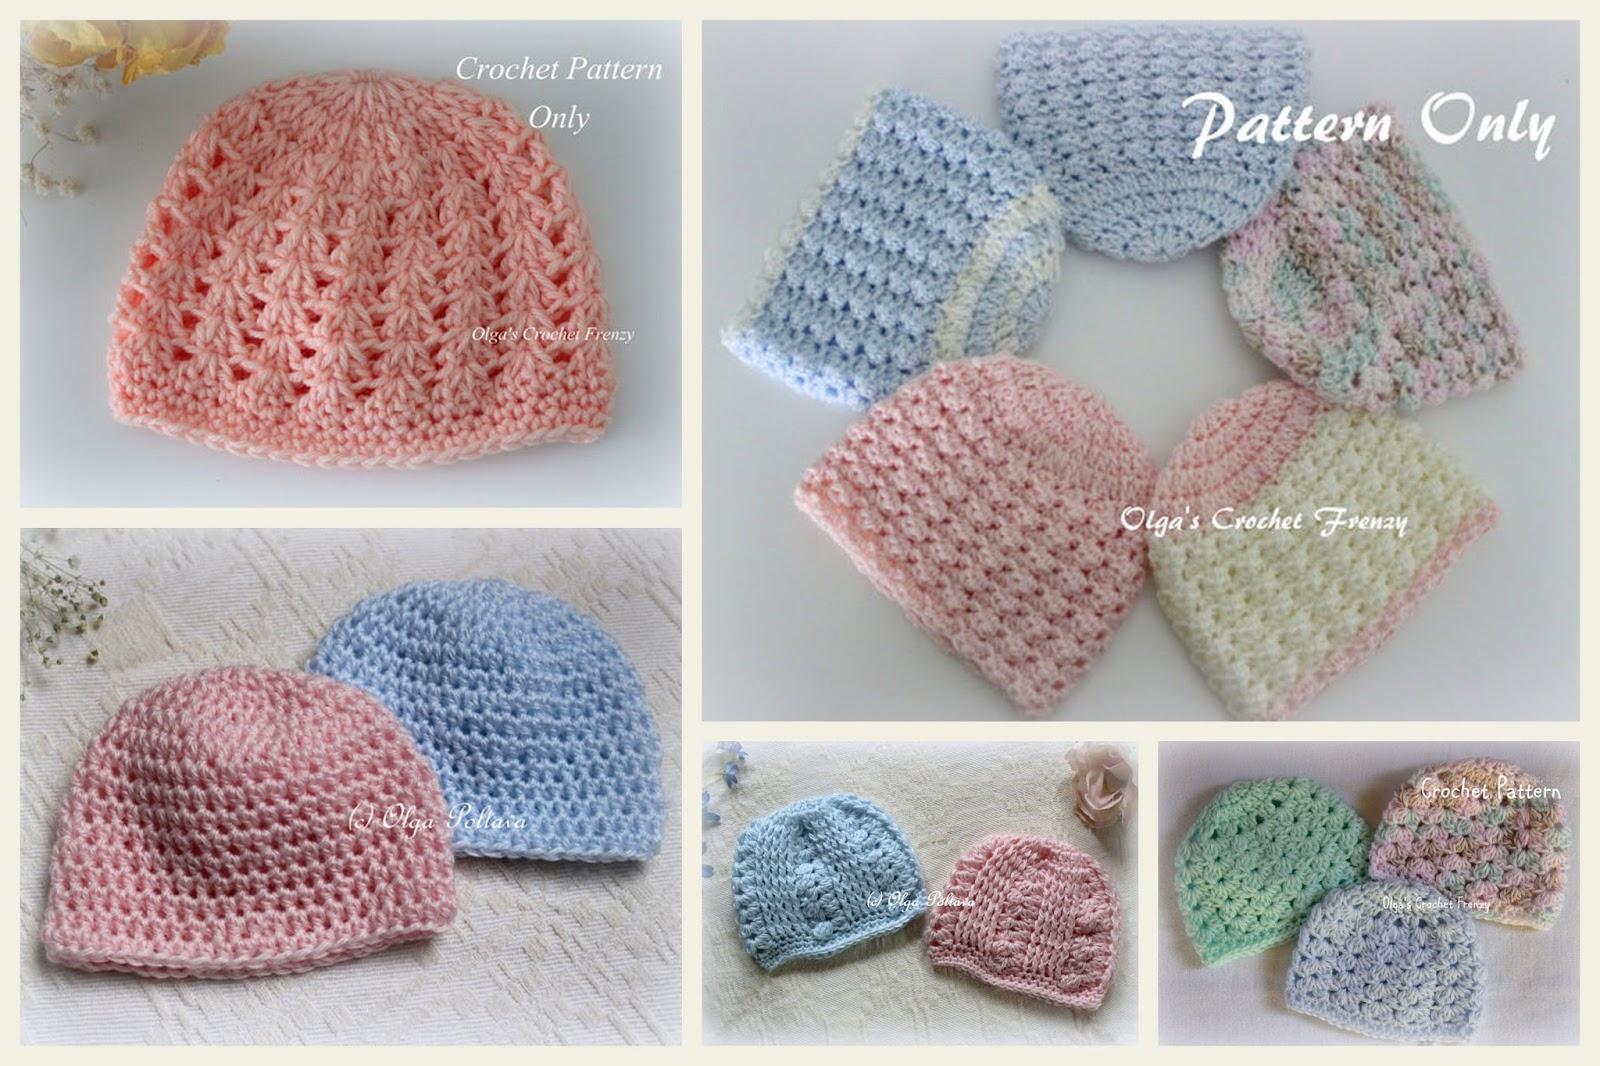 Lacy Crochet Preemie Girls Baby Hat Free Crochet Pattern